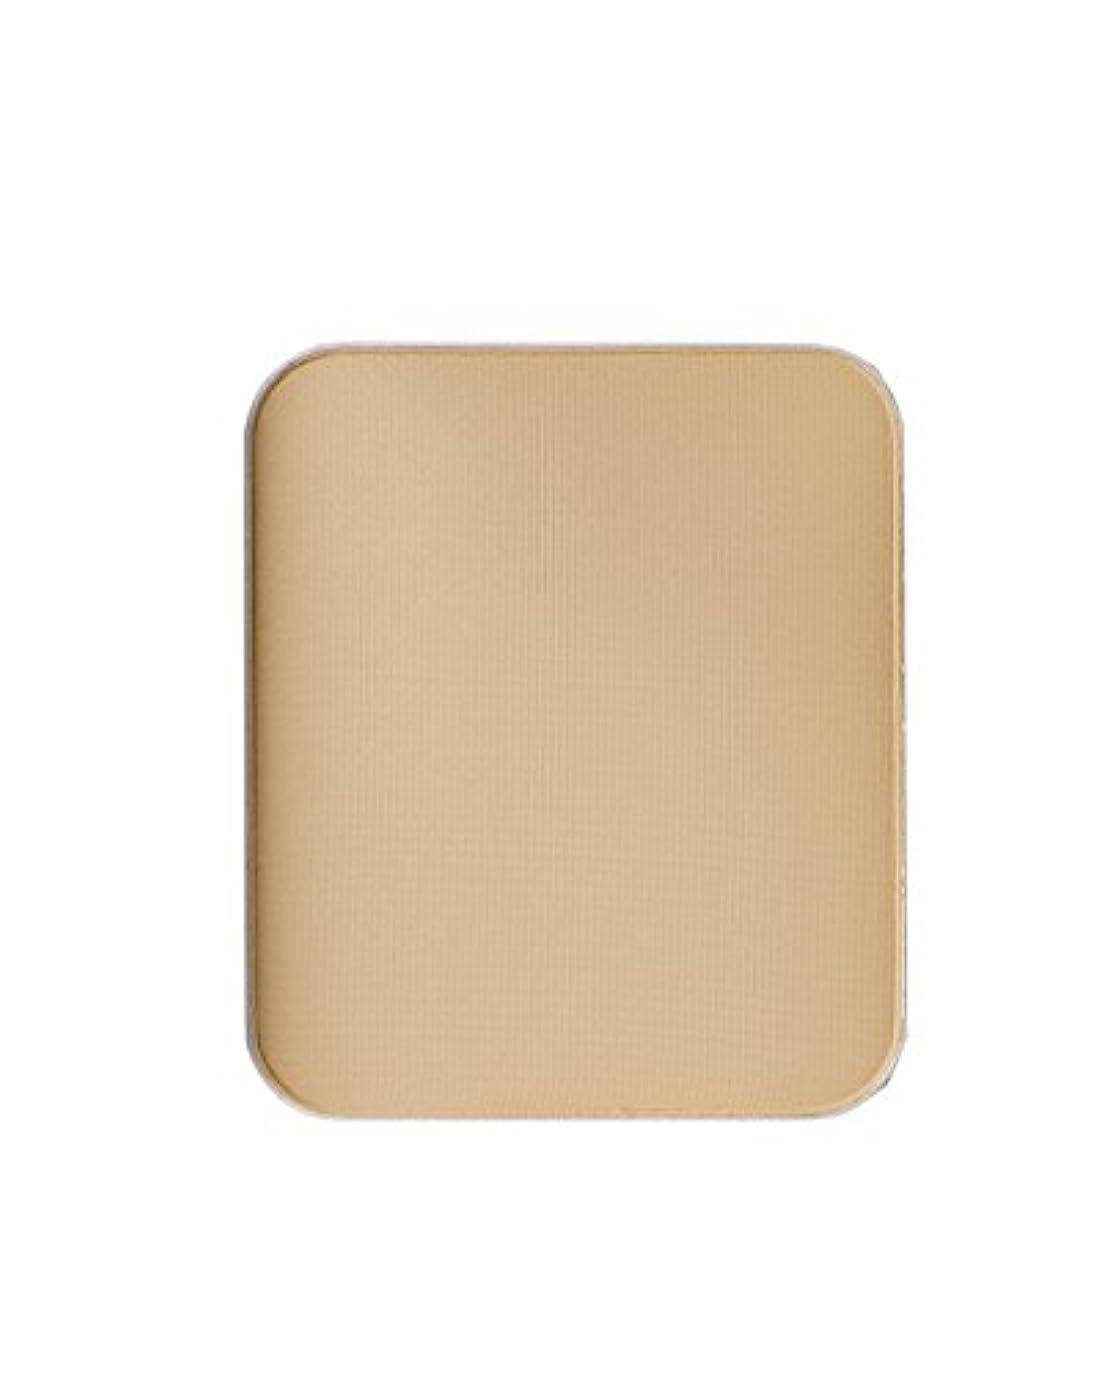 パブ可塑性対象ナチュラグラッセ クリアパウダー ファンデーション NO1 (明るめの肌色) レフィル 11g SPF40 PA++++ 詰め替え用